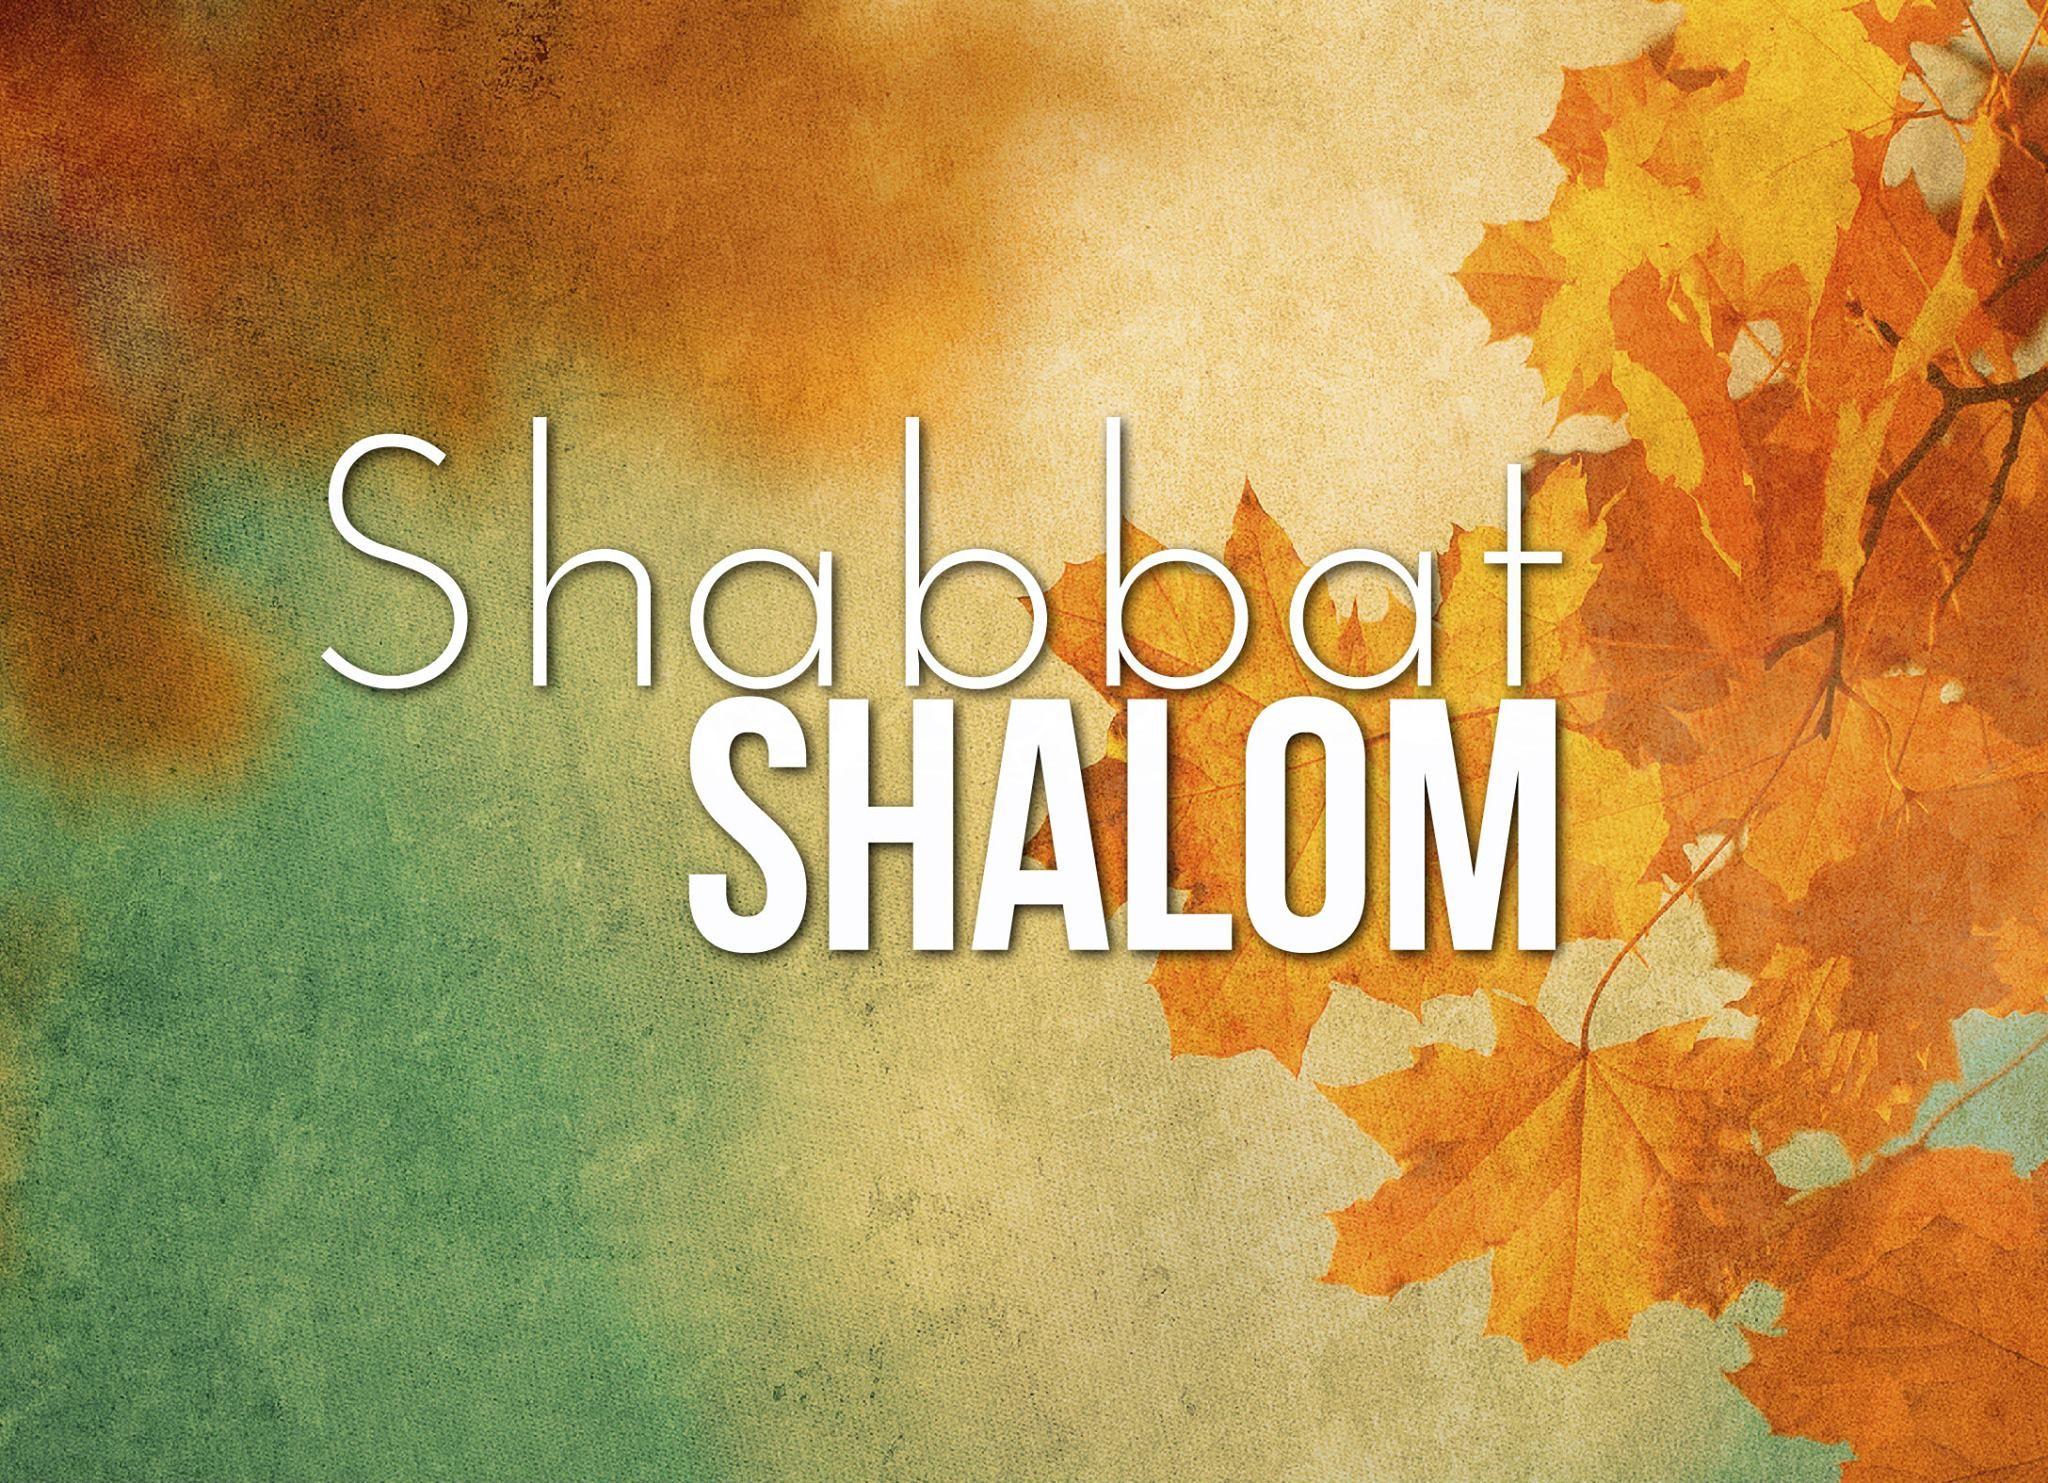 Shabbat shalom 3 sabbath shalom pinterest shabbat shalom shabbat shalom thecheapjerseys Choice Image